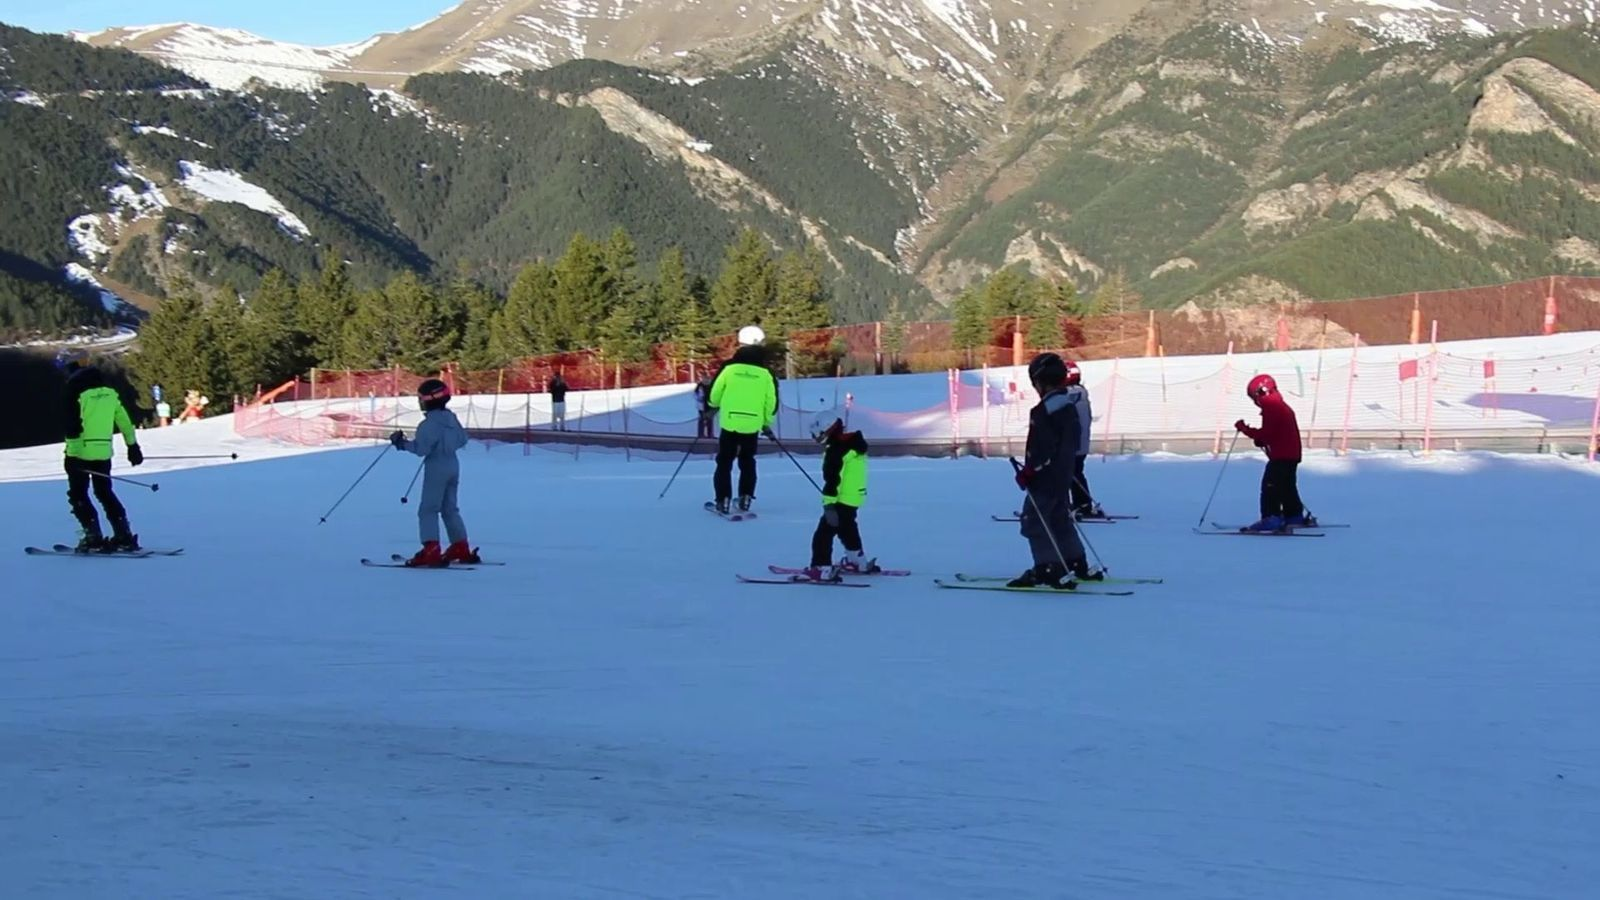 Així estan les pistes d'esquí de Pal-Arinsal